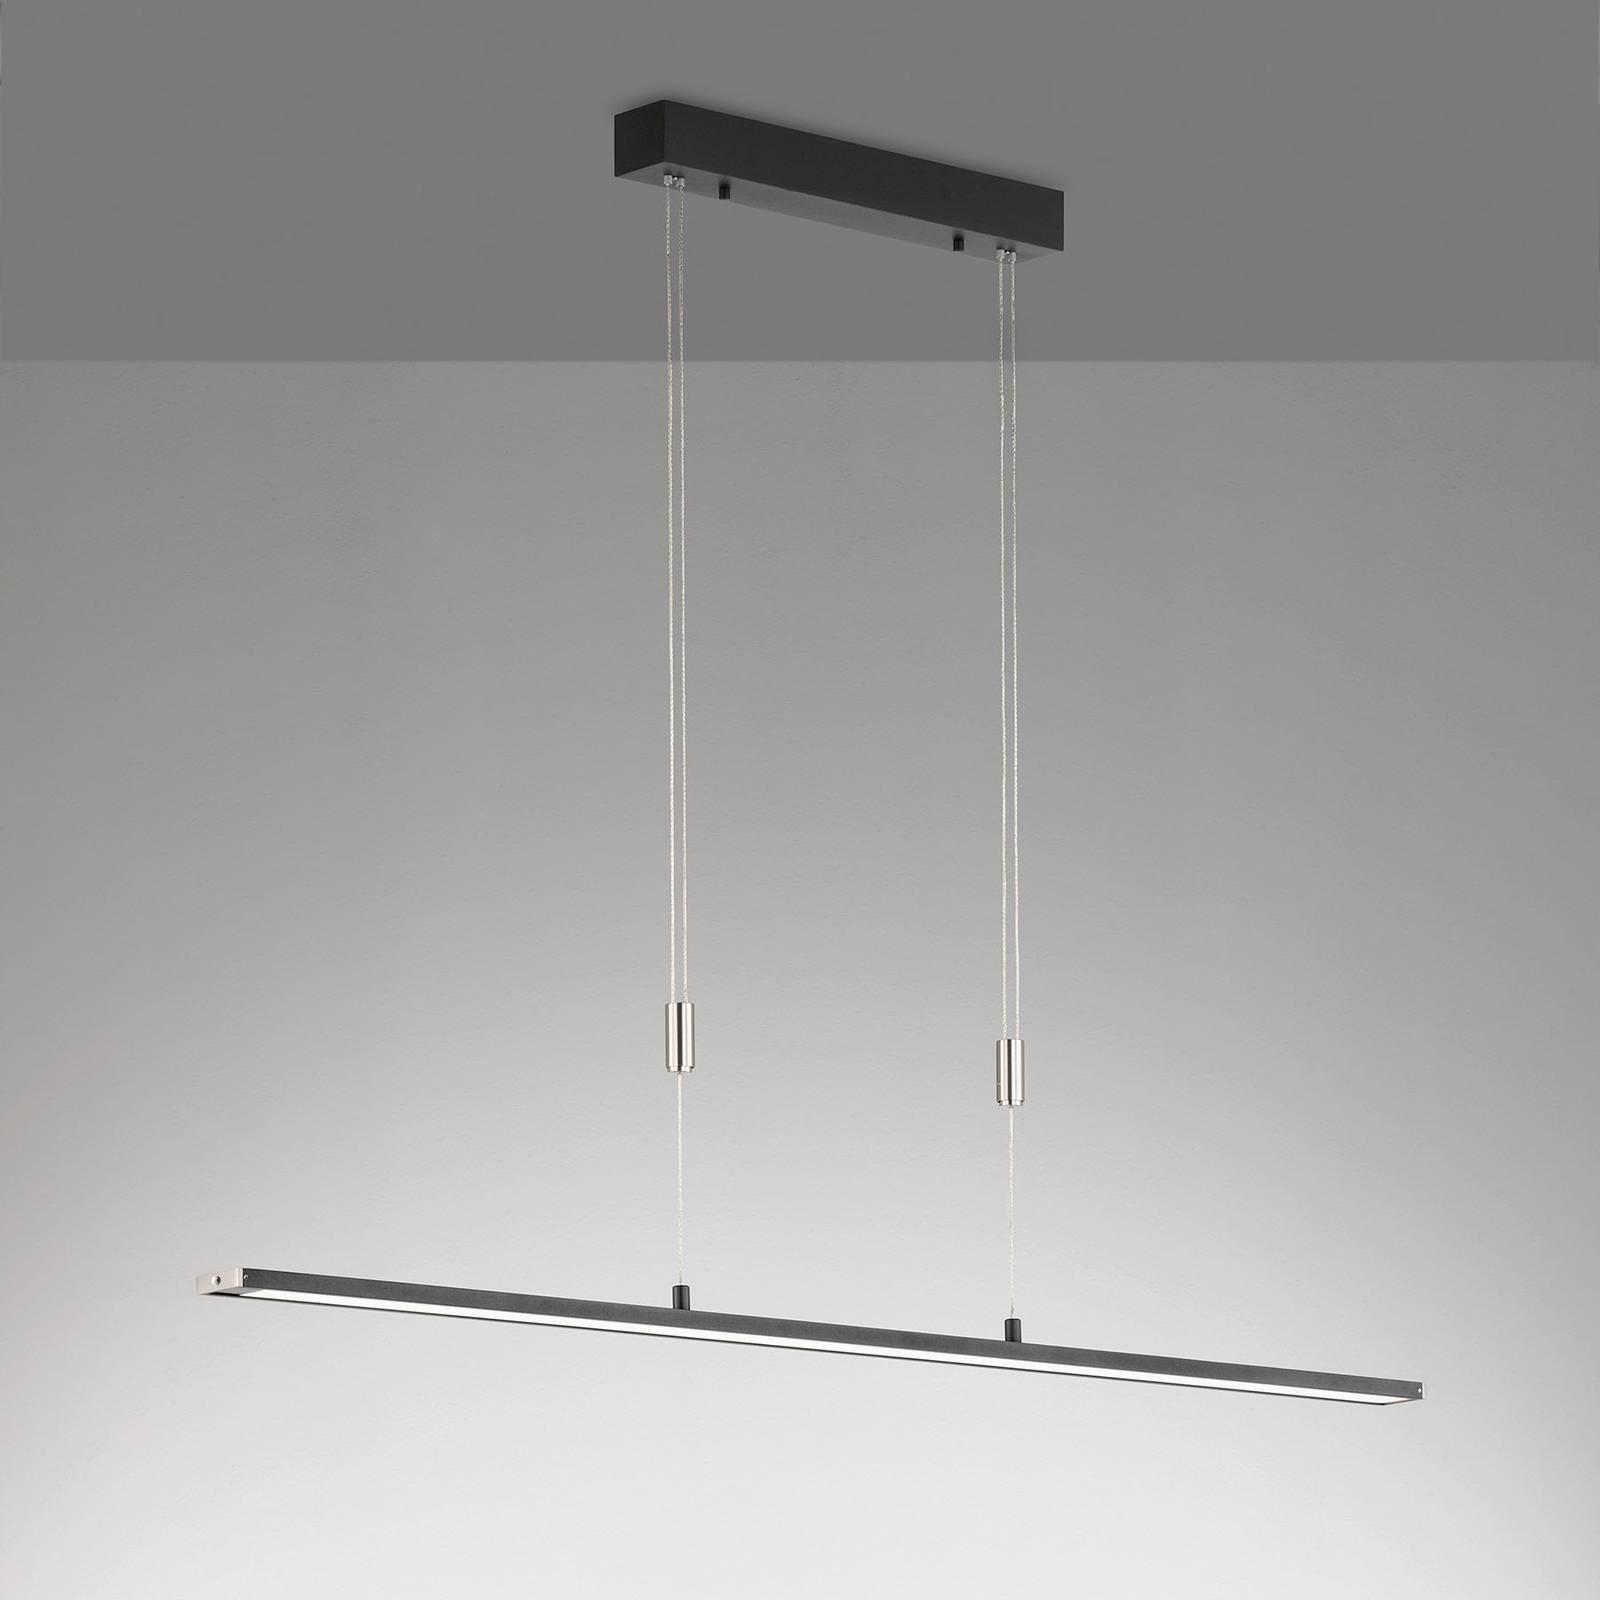 Suspension LED Metz TW CCT, longueur 120cm, noire